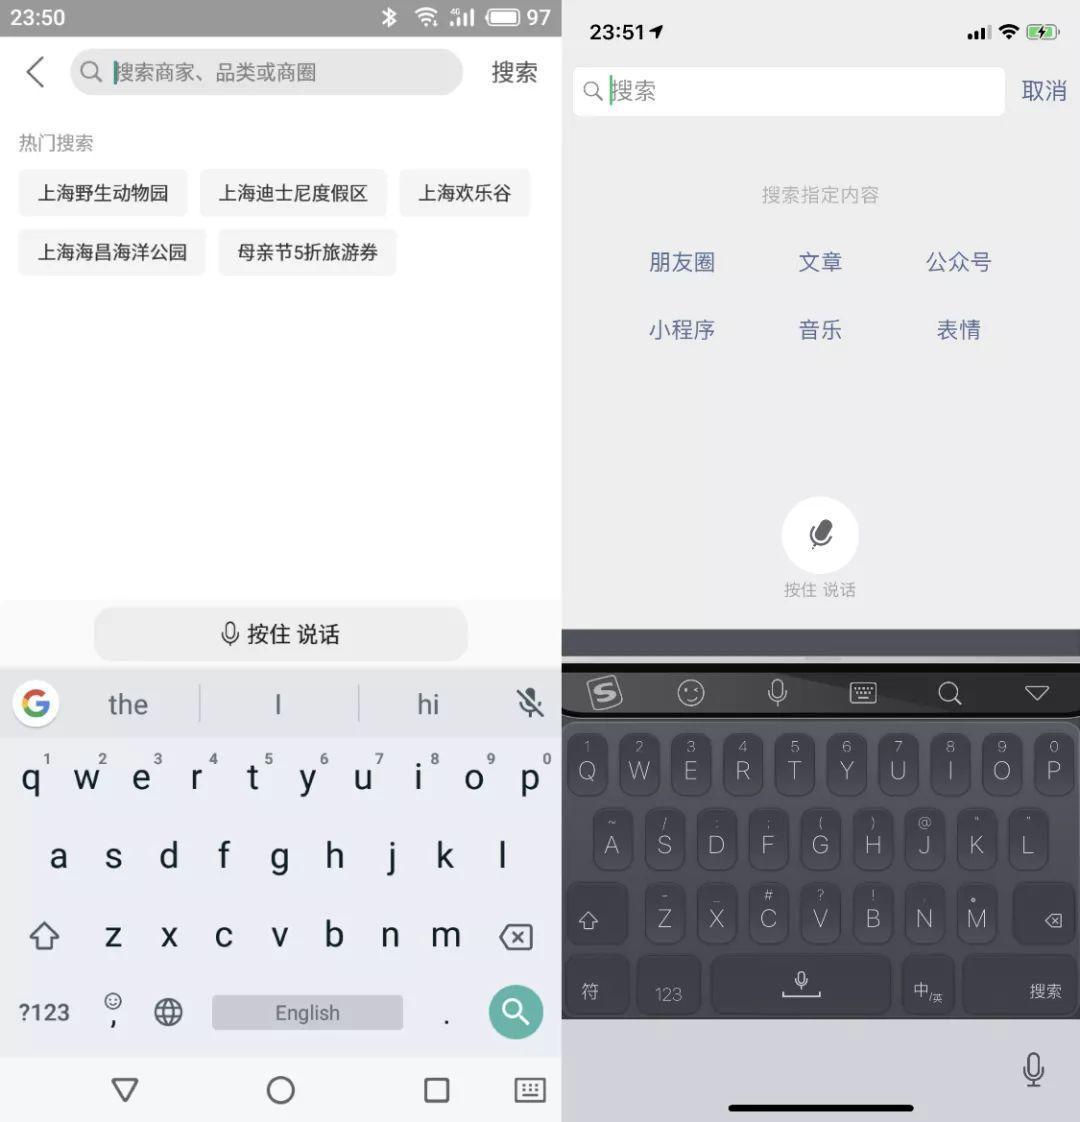 【018】功能分解 3:搜索